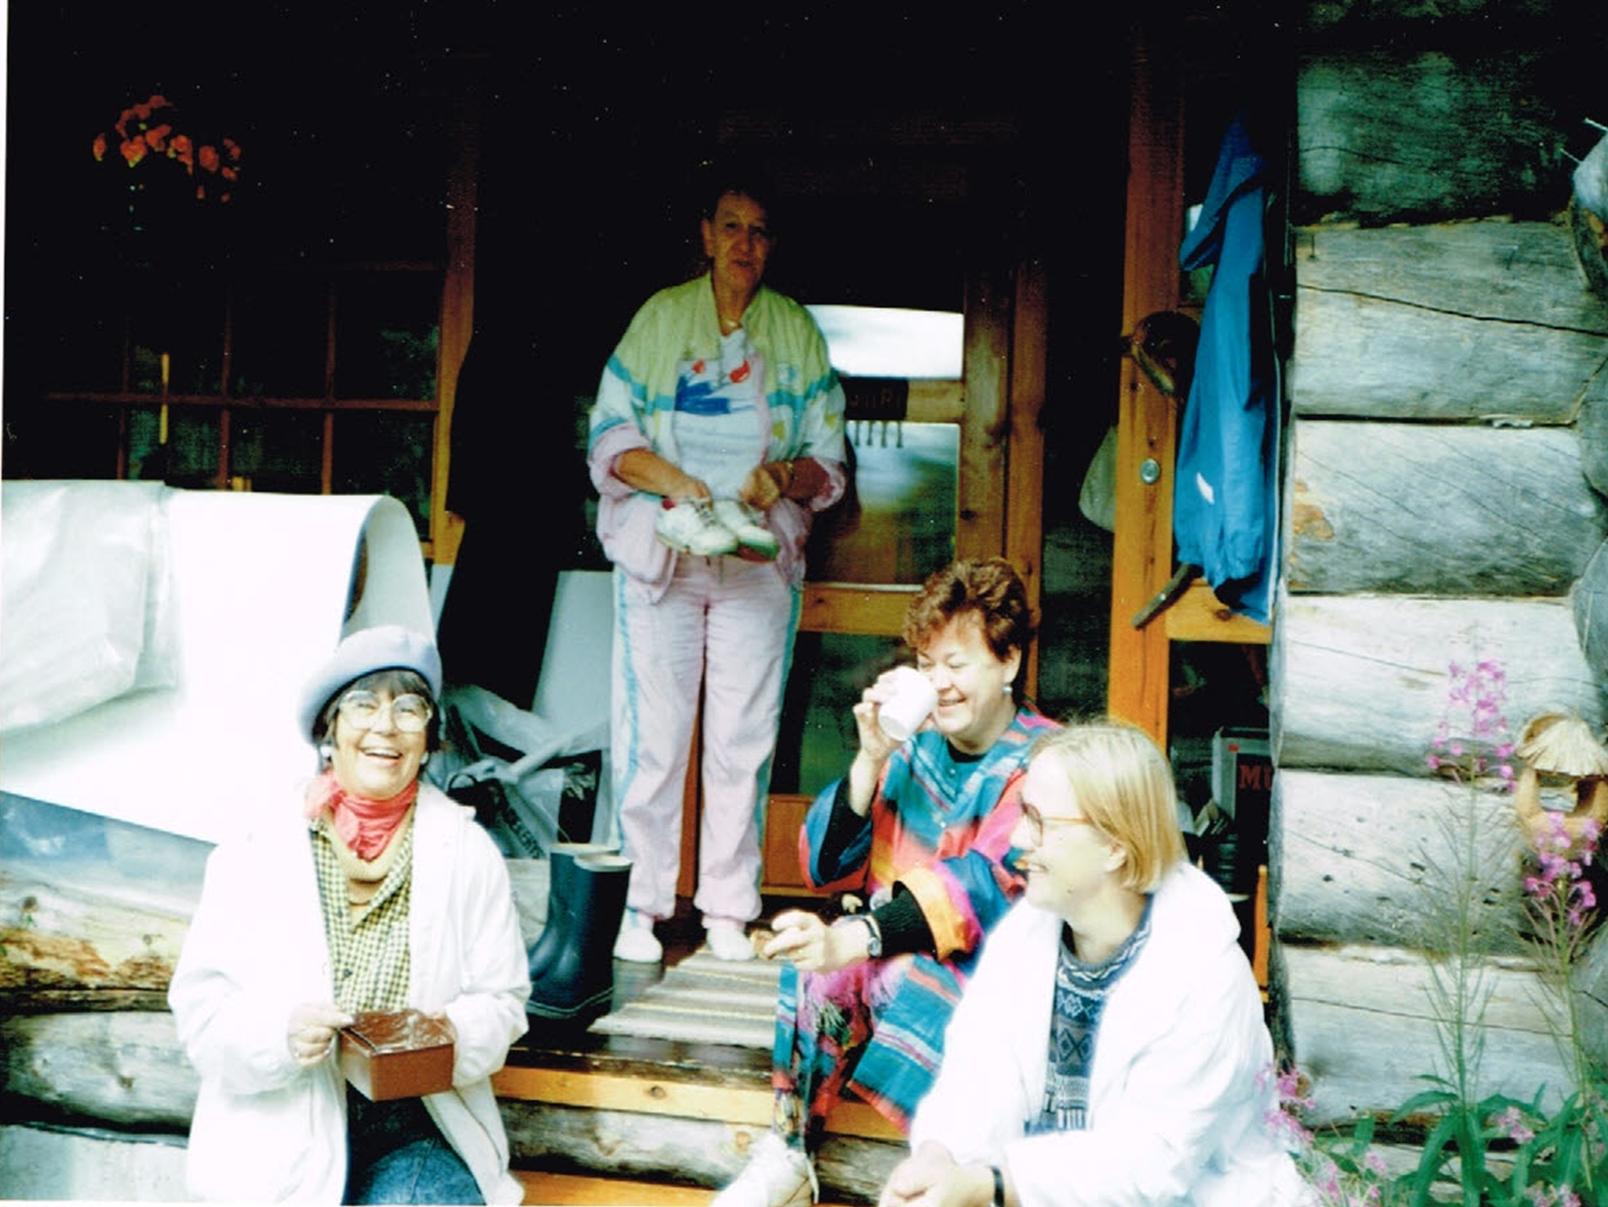 Kurssilaiset 1992 kuva 3.png